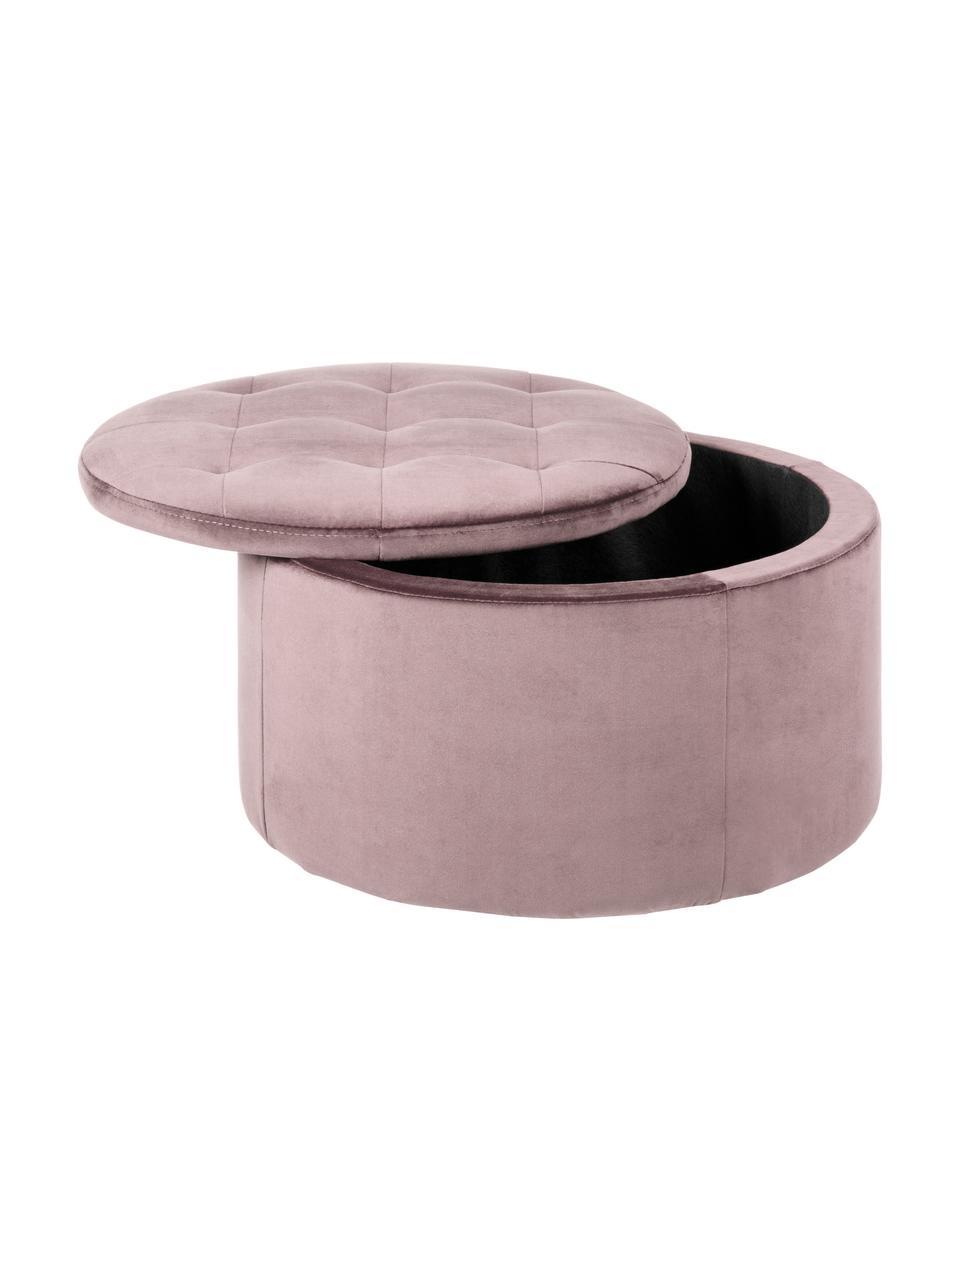 Puf z aksamitu z miejscem do przechowywania Retina, Tapicerka: aksamit poliestrowy 2500, Stelaż: tworzywo sztuczne, Brudny różowy, Ø 60 x W 35 cm